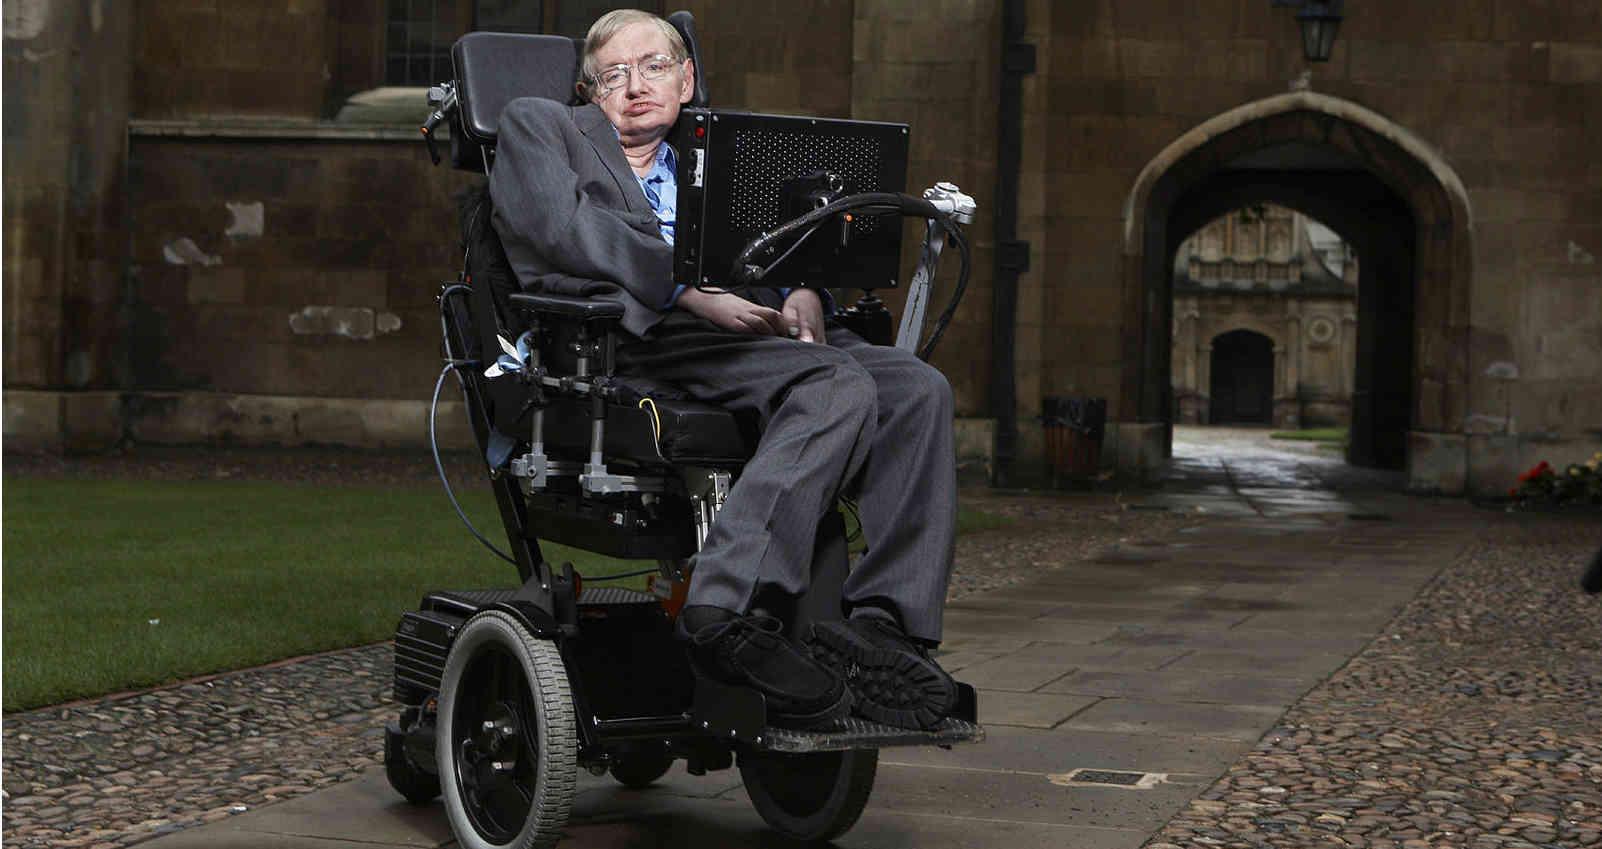 HawkingEl Stephen Que Científico Explicó Universo Falleció E2D9IH